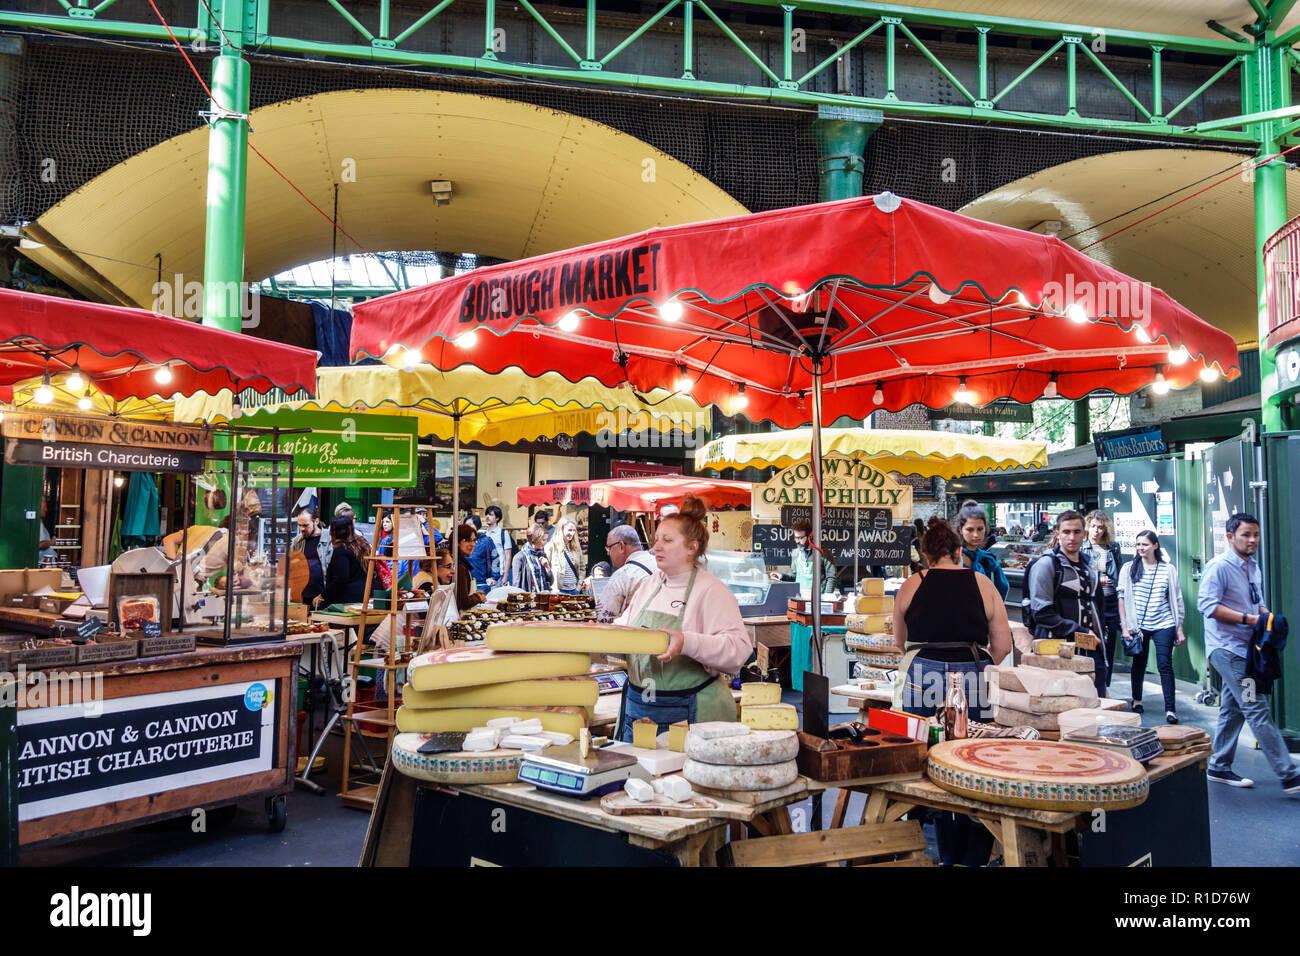 Londra Inghilterra Regno Unito Gran Bretagna South Bank Southwark Borough Market fornitori bancarelle di formaggio artigianale giri ruote donna vendita display Immagini Stock